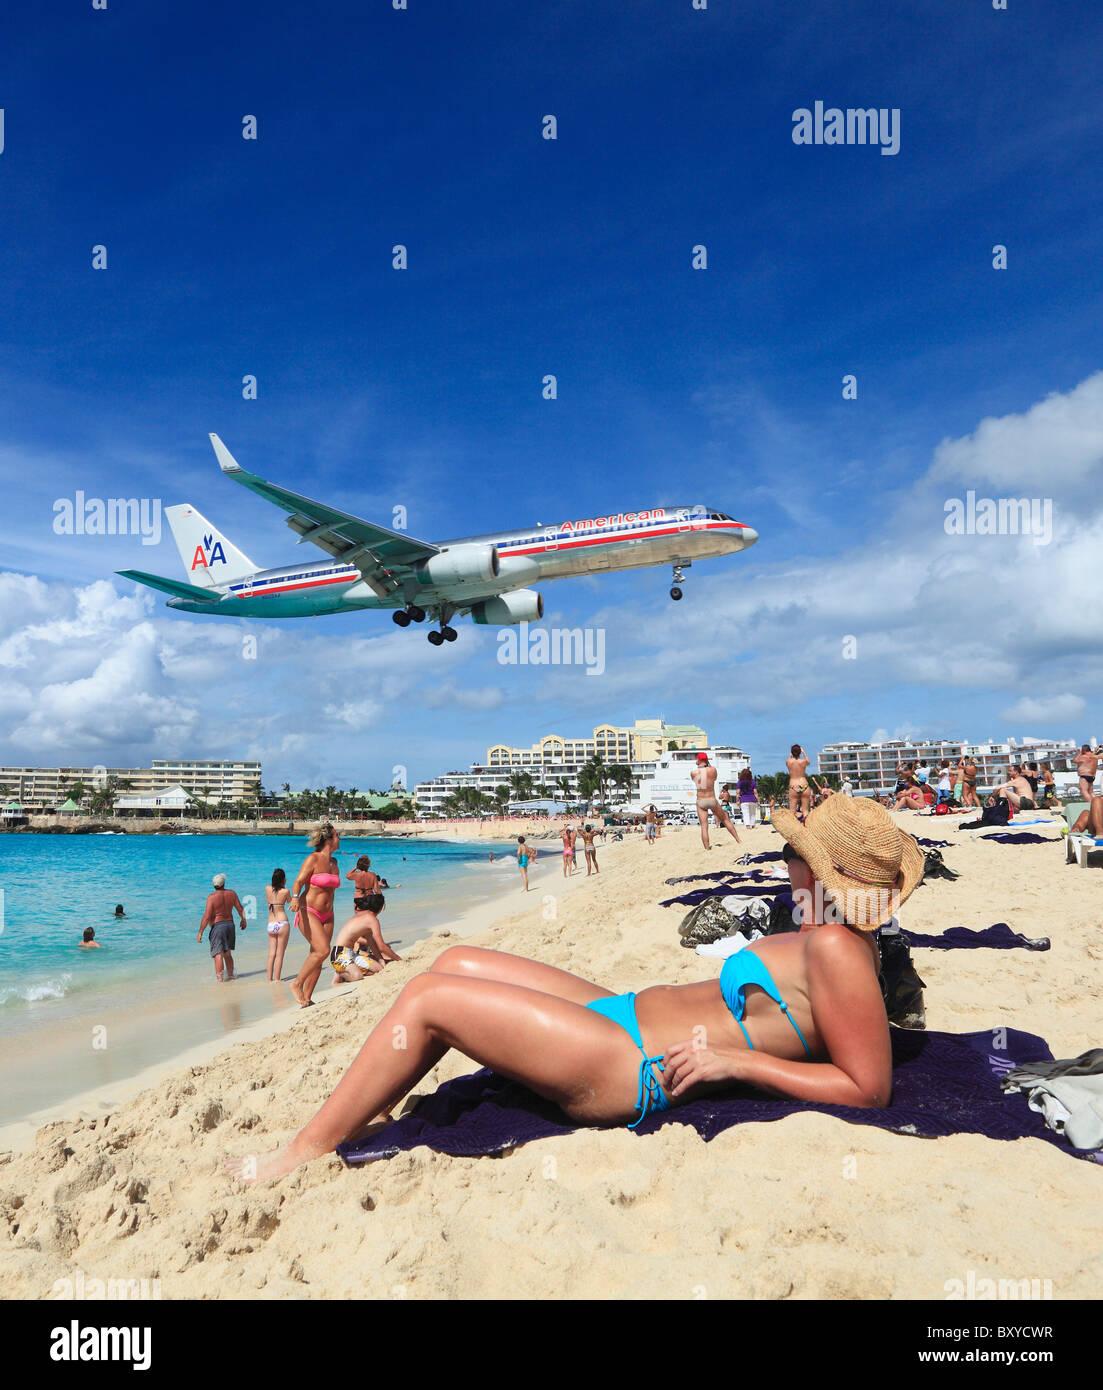 American Airlines Jet Landung über den Maho Beach auf St. Maarten Princess Juliana Airport Stockbild